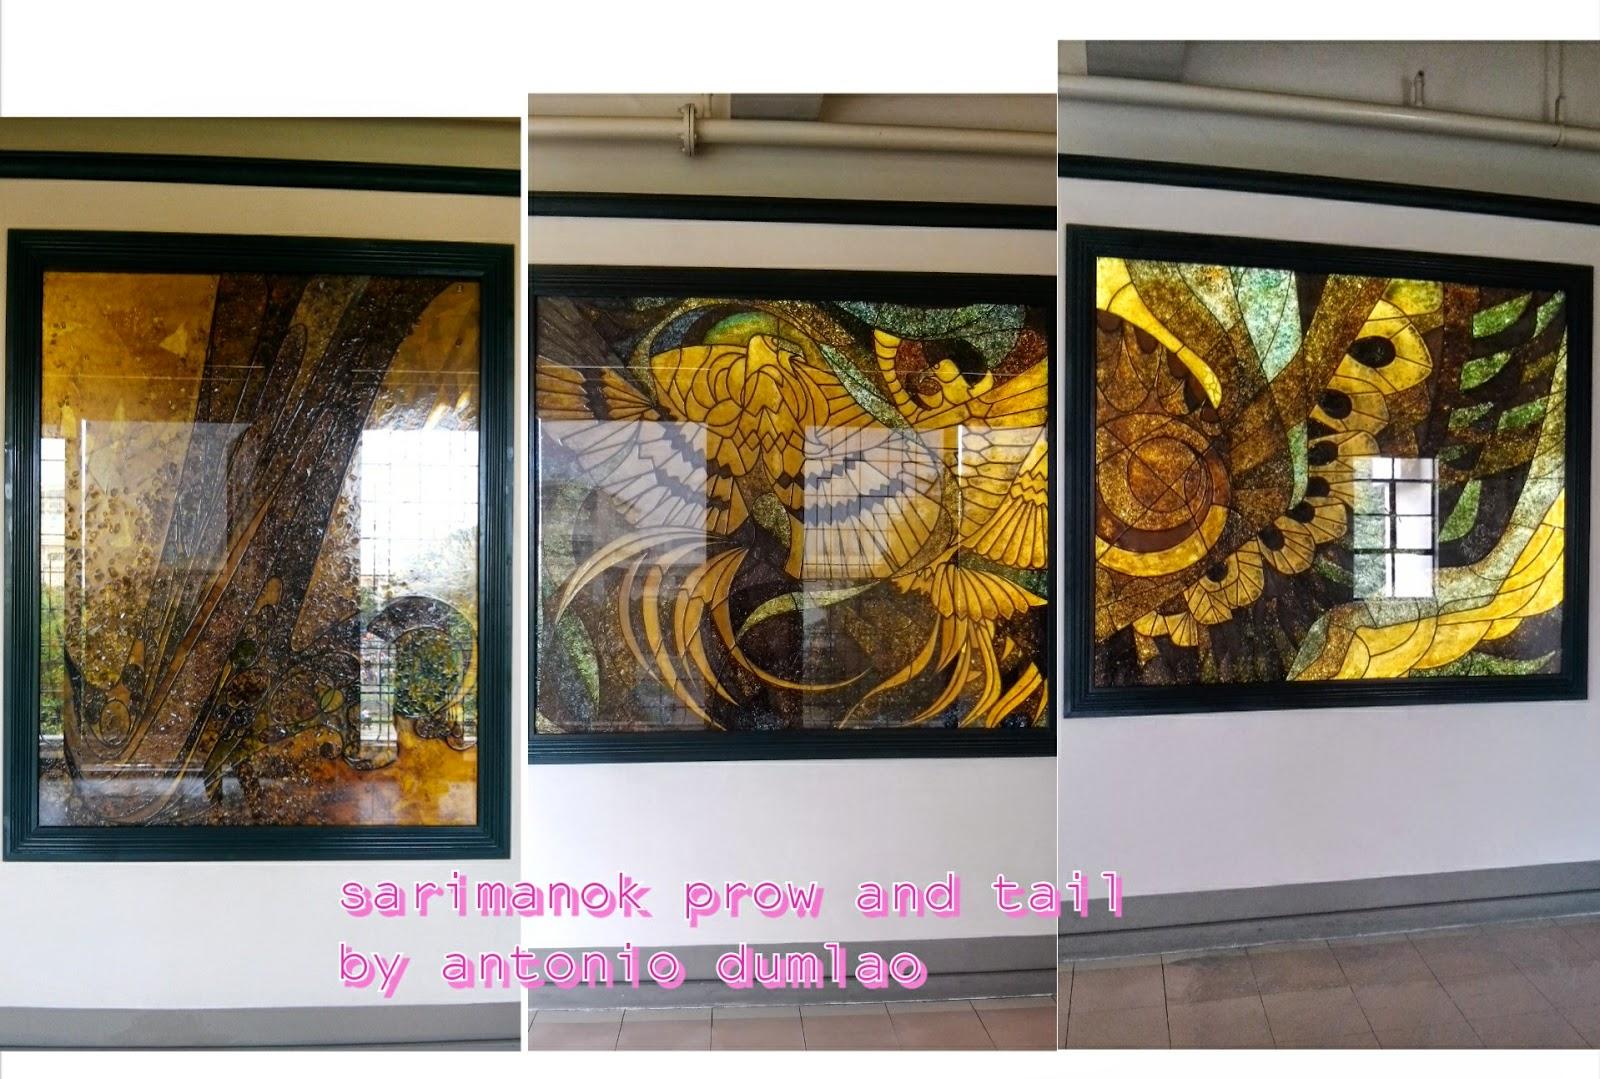 sarimanok prow and tail by antonio dumlao